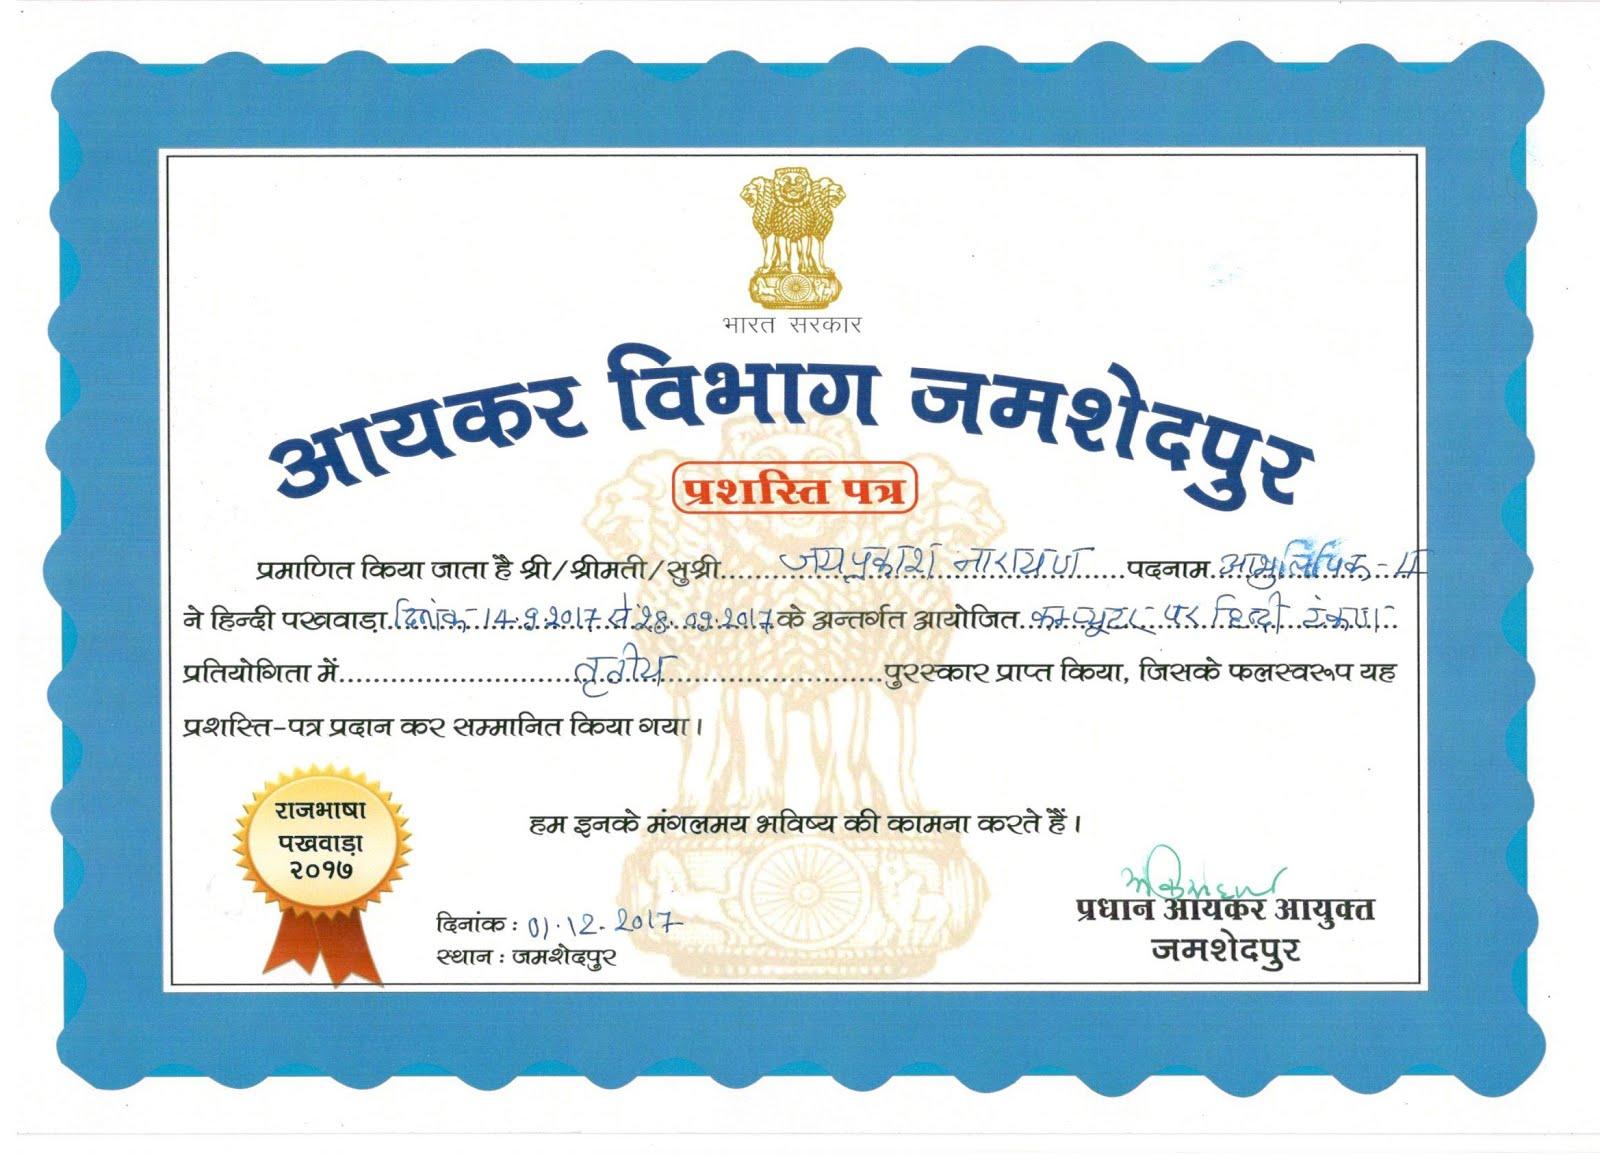 आयकर विभाग द्वारा हिन्दी टंकण में तृतीय स्थान आने पर दिया गया प्रशस्ति पत्र